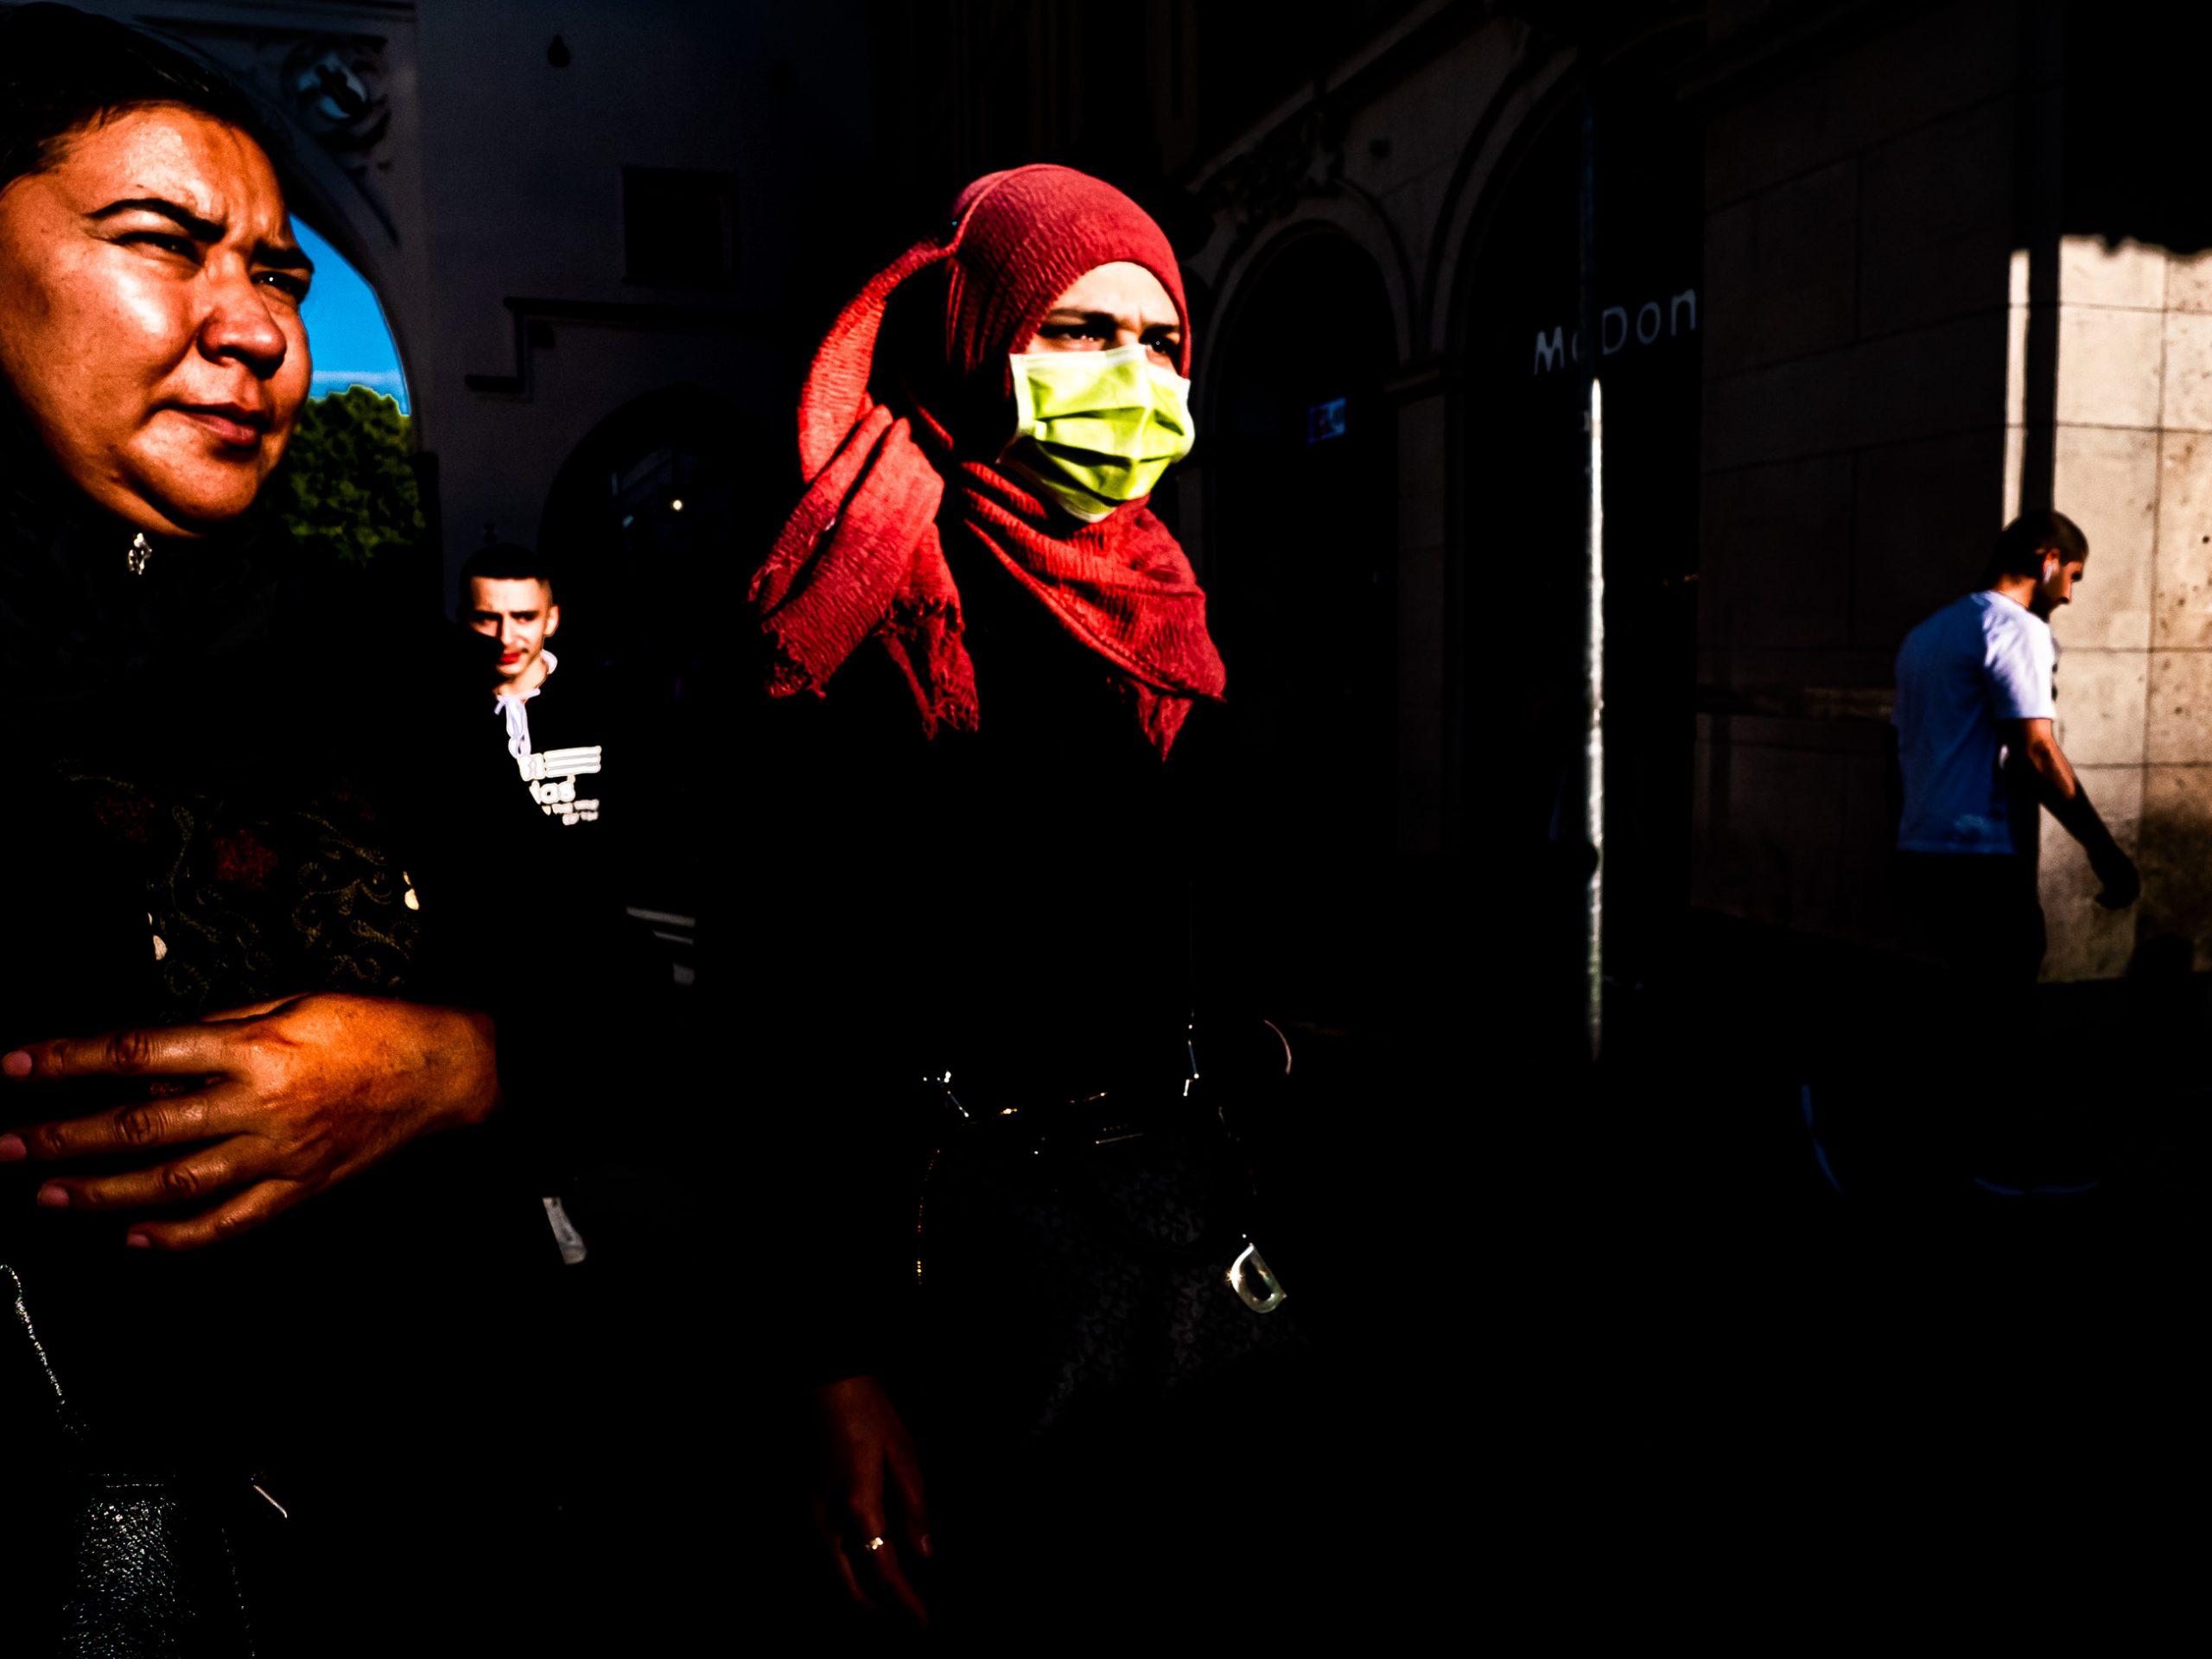 Multikulti in der Innenstadt von München, Bayern